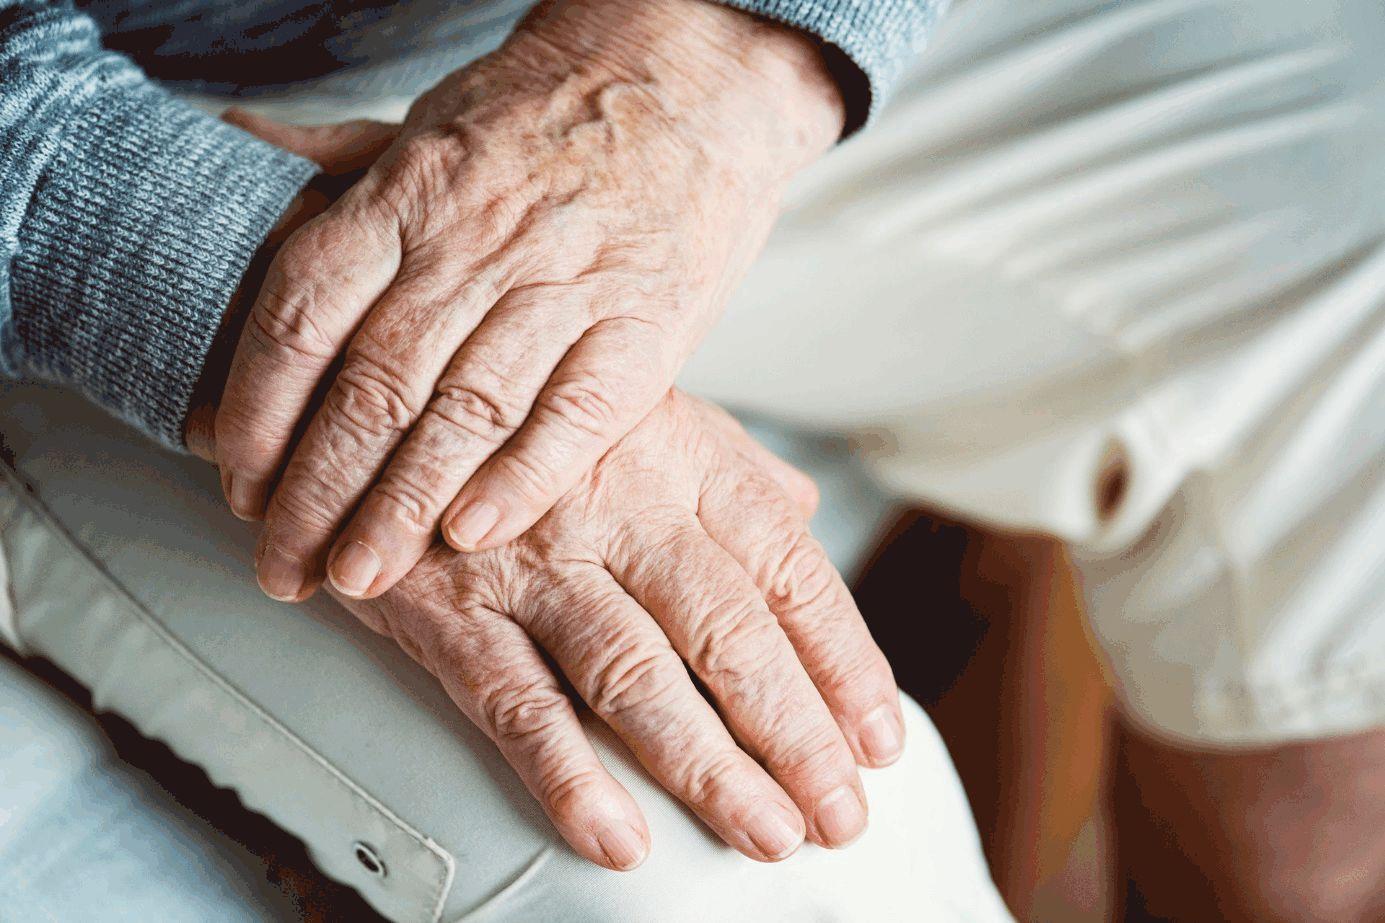 Bildauschnitt mit linker über rechter Hand eines älteren Menschen